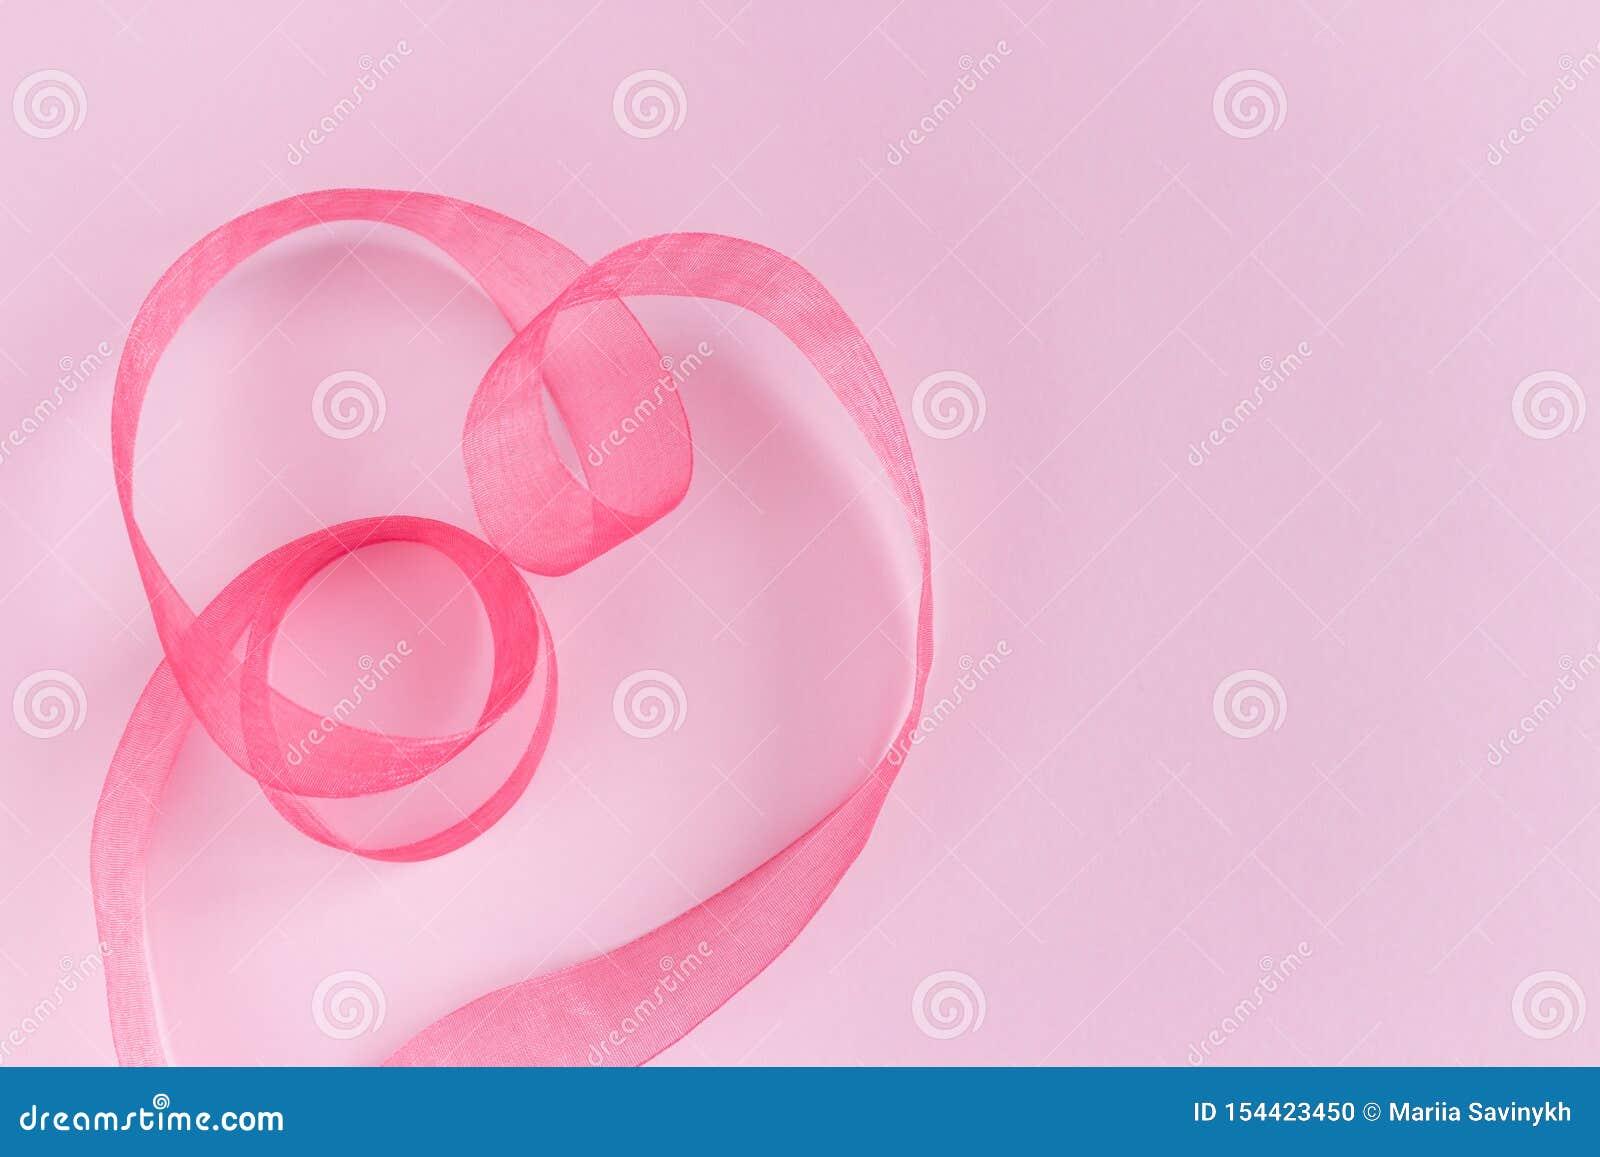 Εορταστικά ρόδινα κύματα κορδελλών μεταξιού σατέν στη μορφή καρδιών στο ρόδινο υπόβαθρο